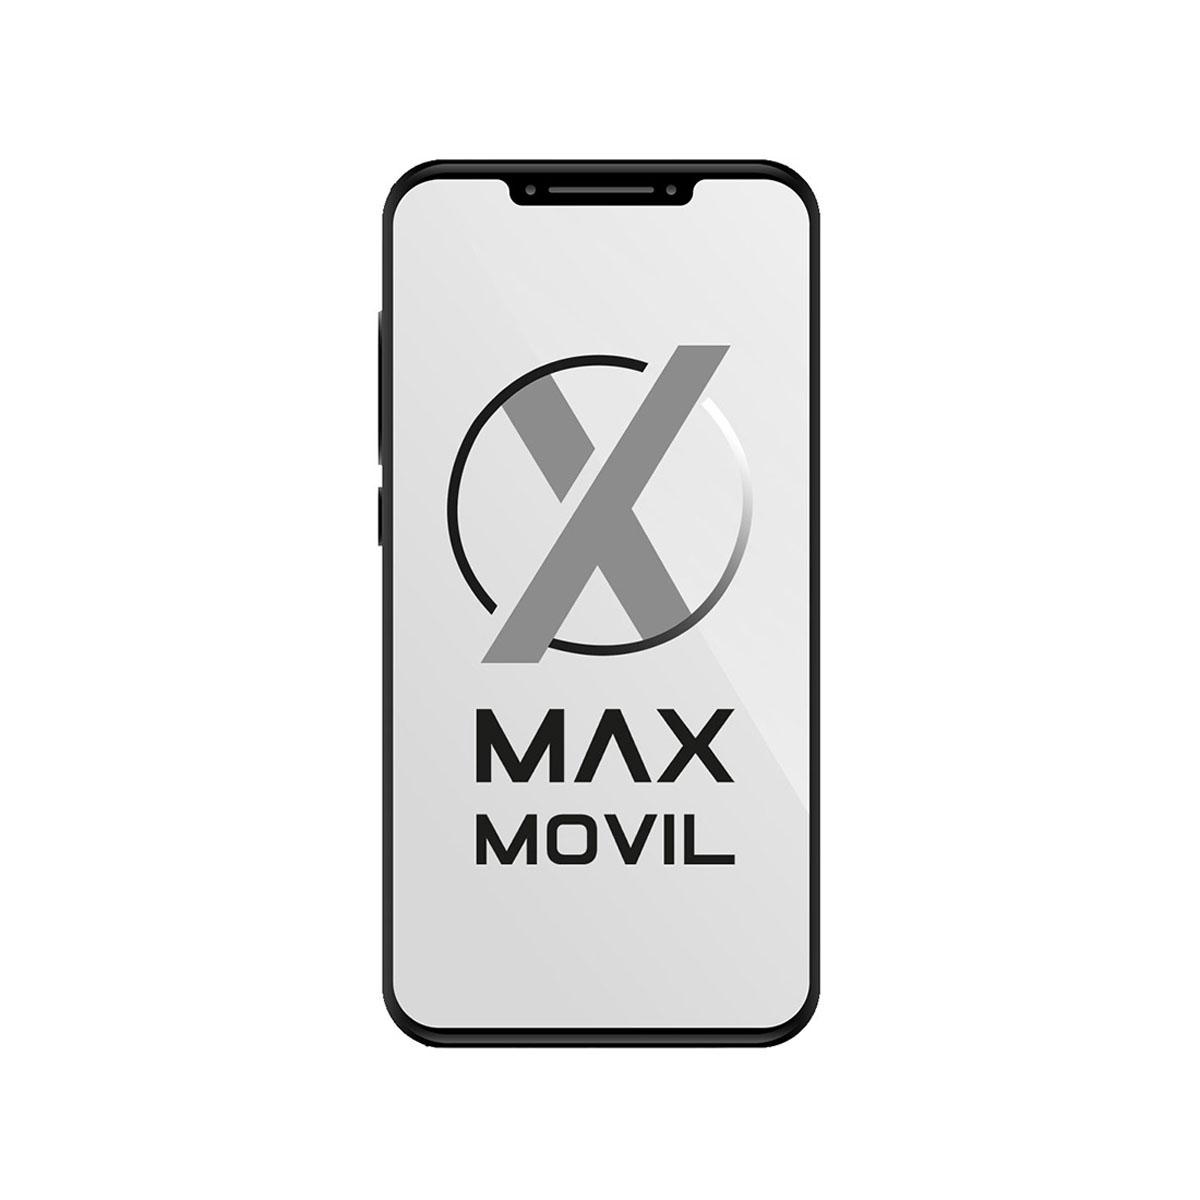 Carcasa Nokia Xpress-on CC-3033 blanca